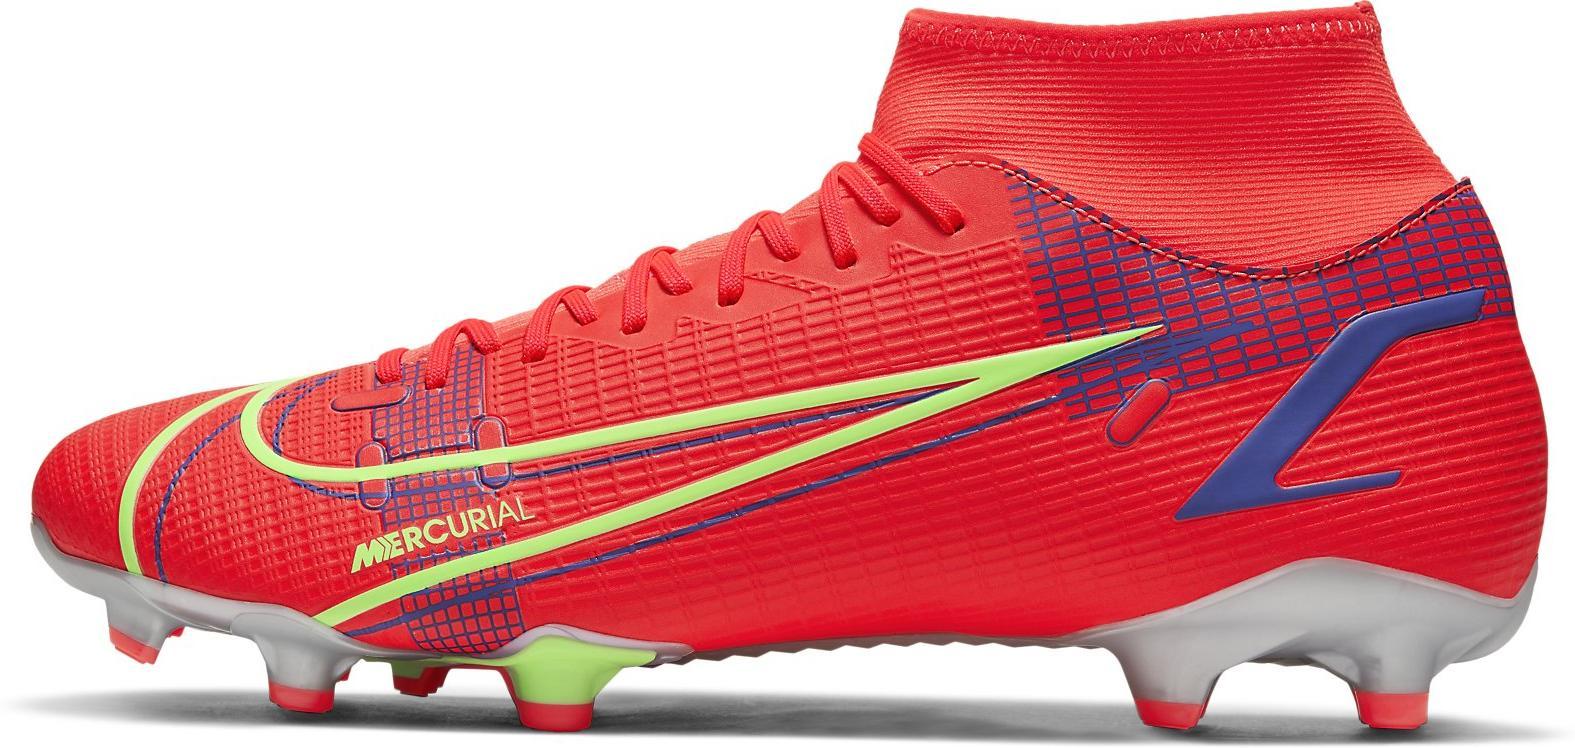 Kopačky Nike  Mercurial Superfly 8 Academy MG červená